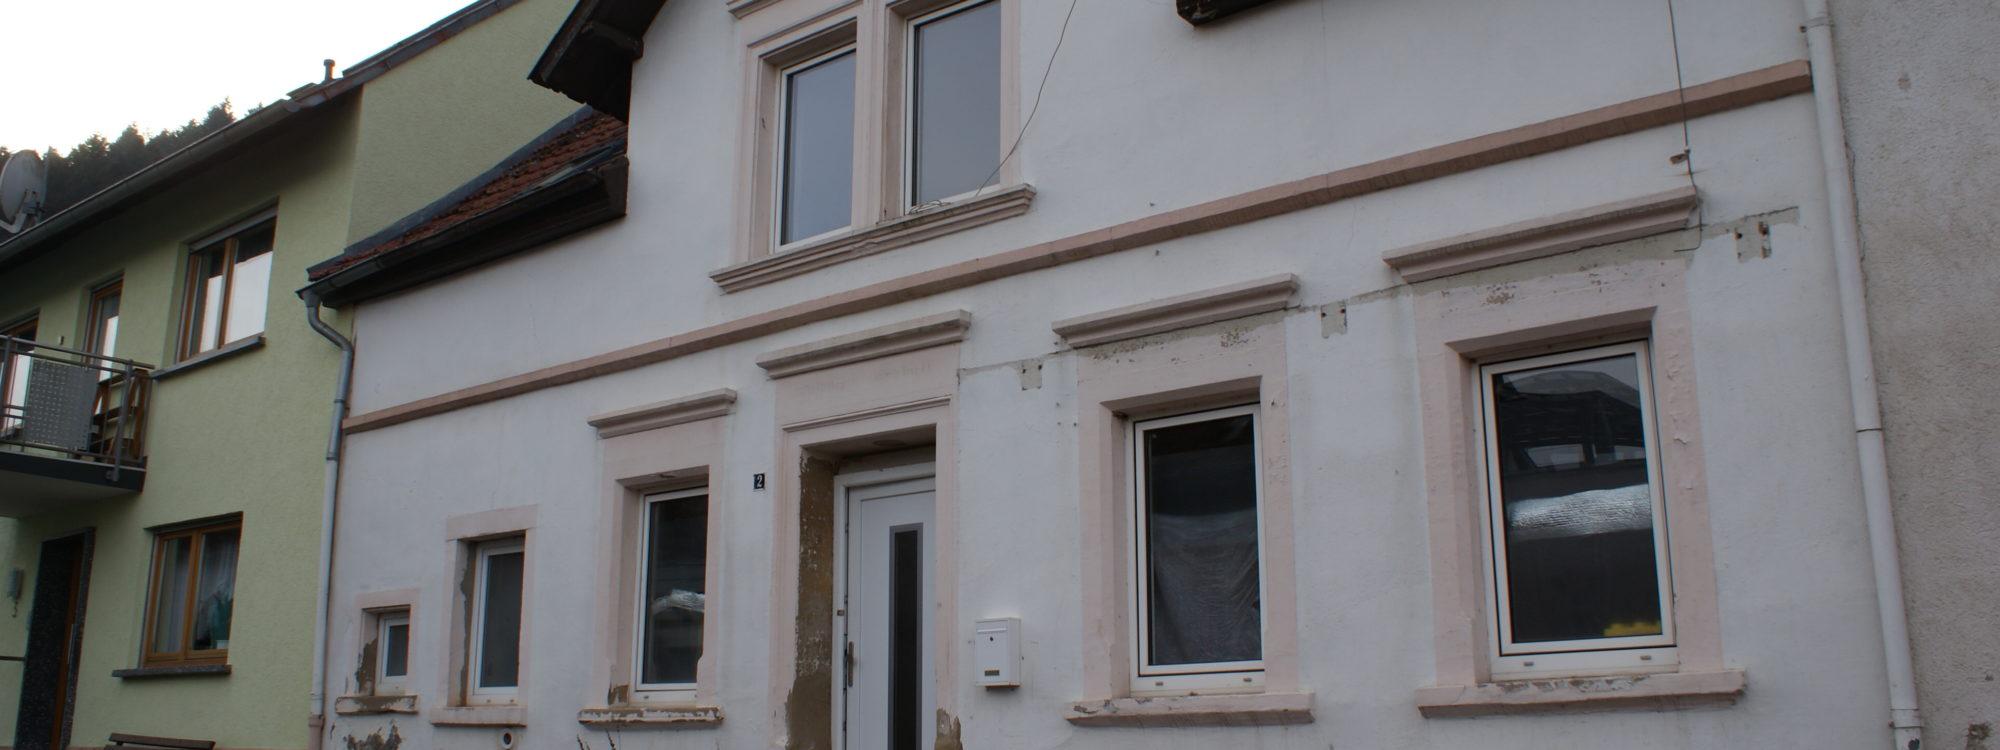 Geräumiges Einfamilienhaus – ideal für Handwerker